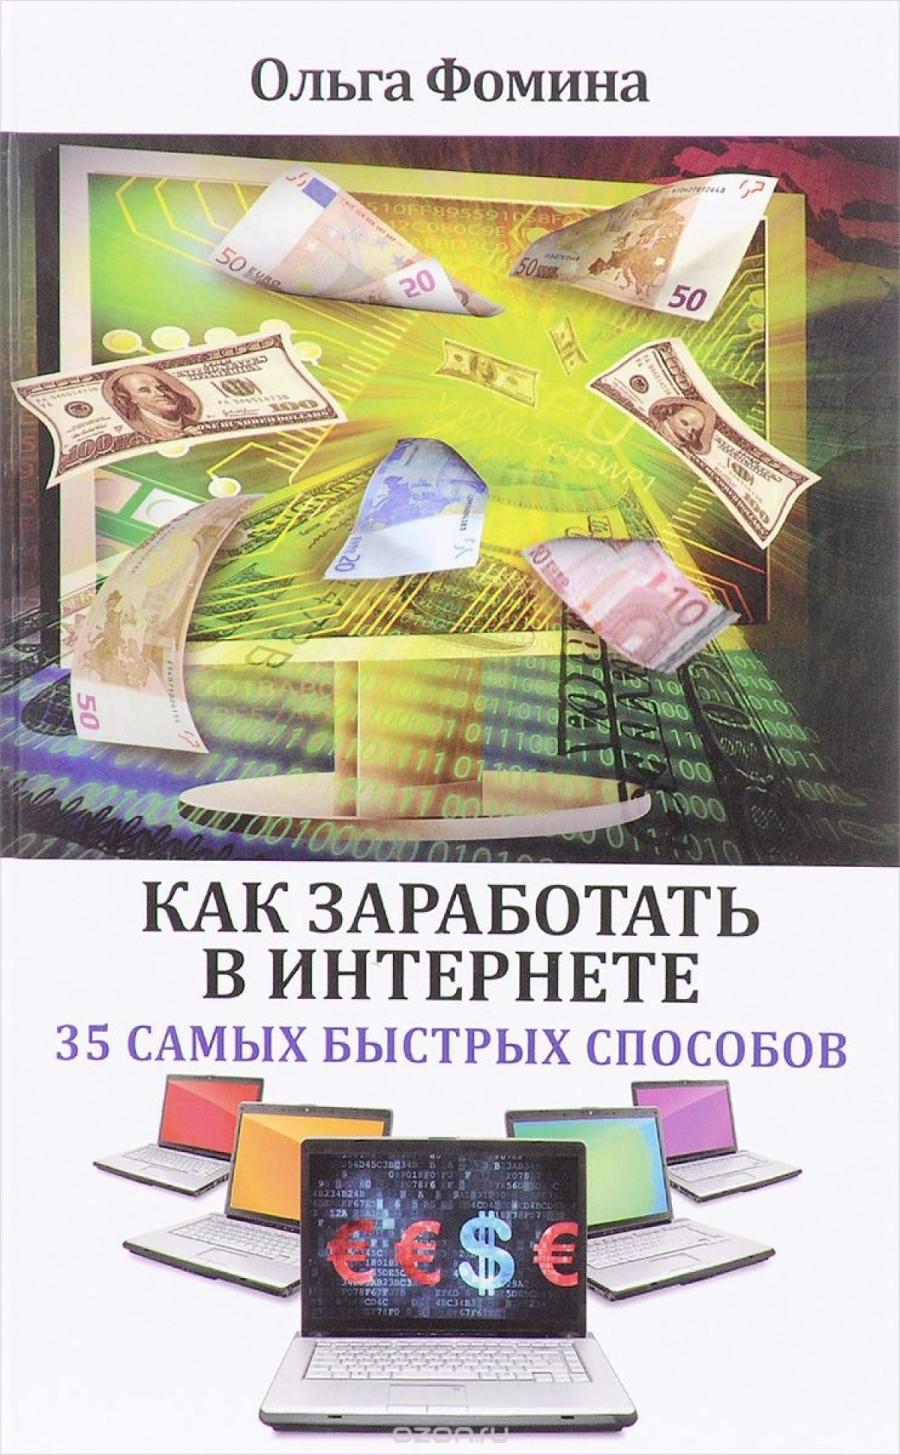 Обложка книги:  фомина ольга - как заработать в интернете. 35 самых быстрых способов